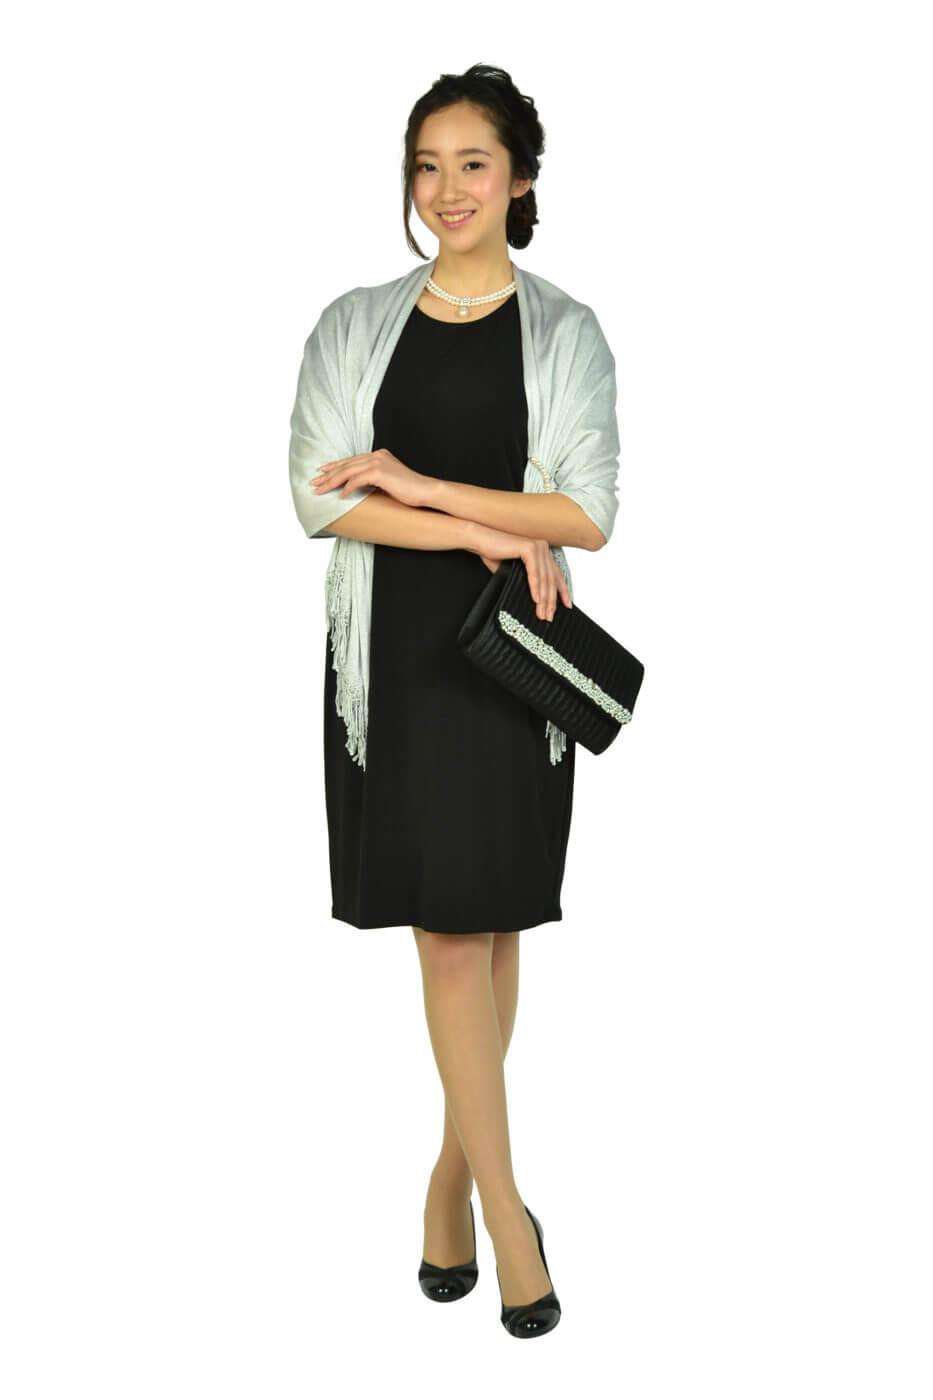 カルバンクライン (Calvin Klein)シースルーフレア袖ブラックドレス